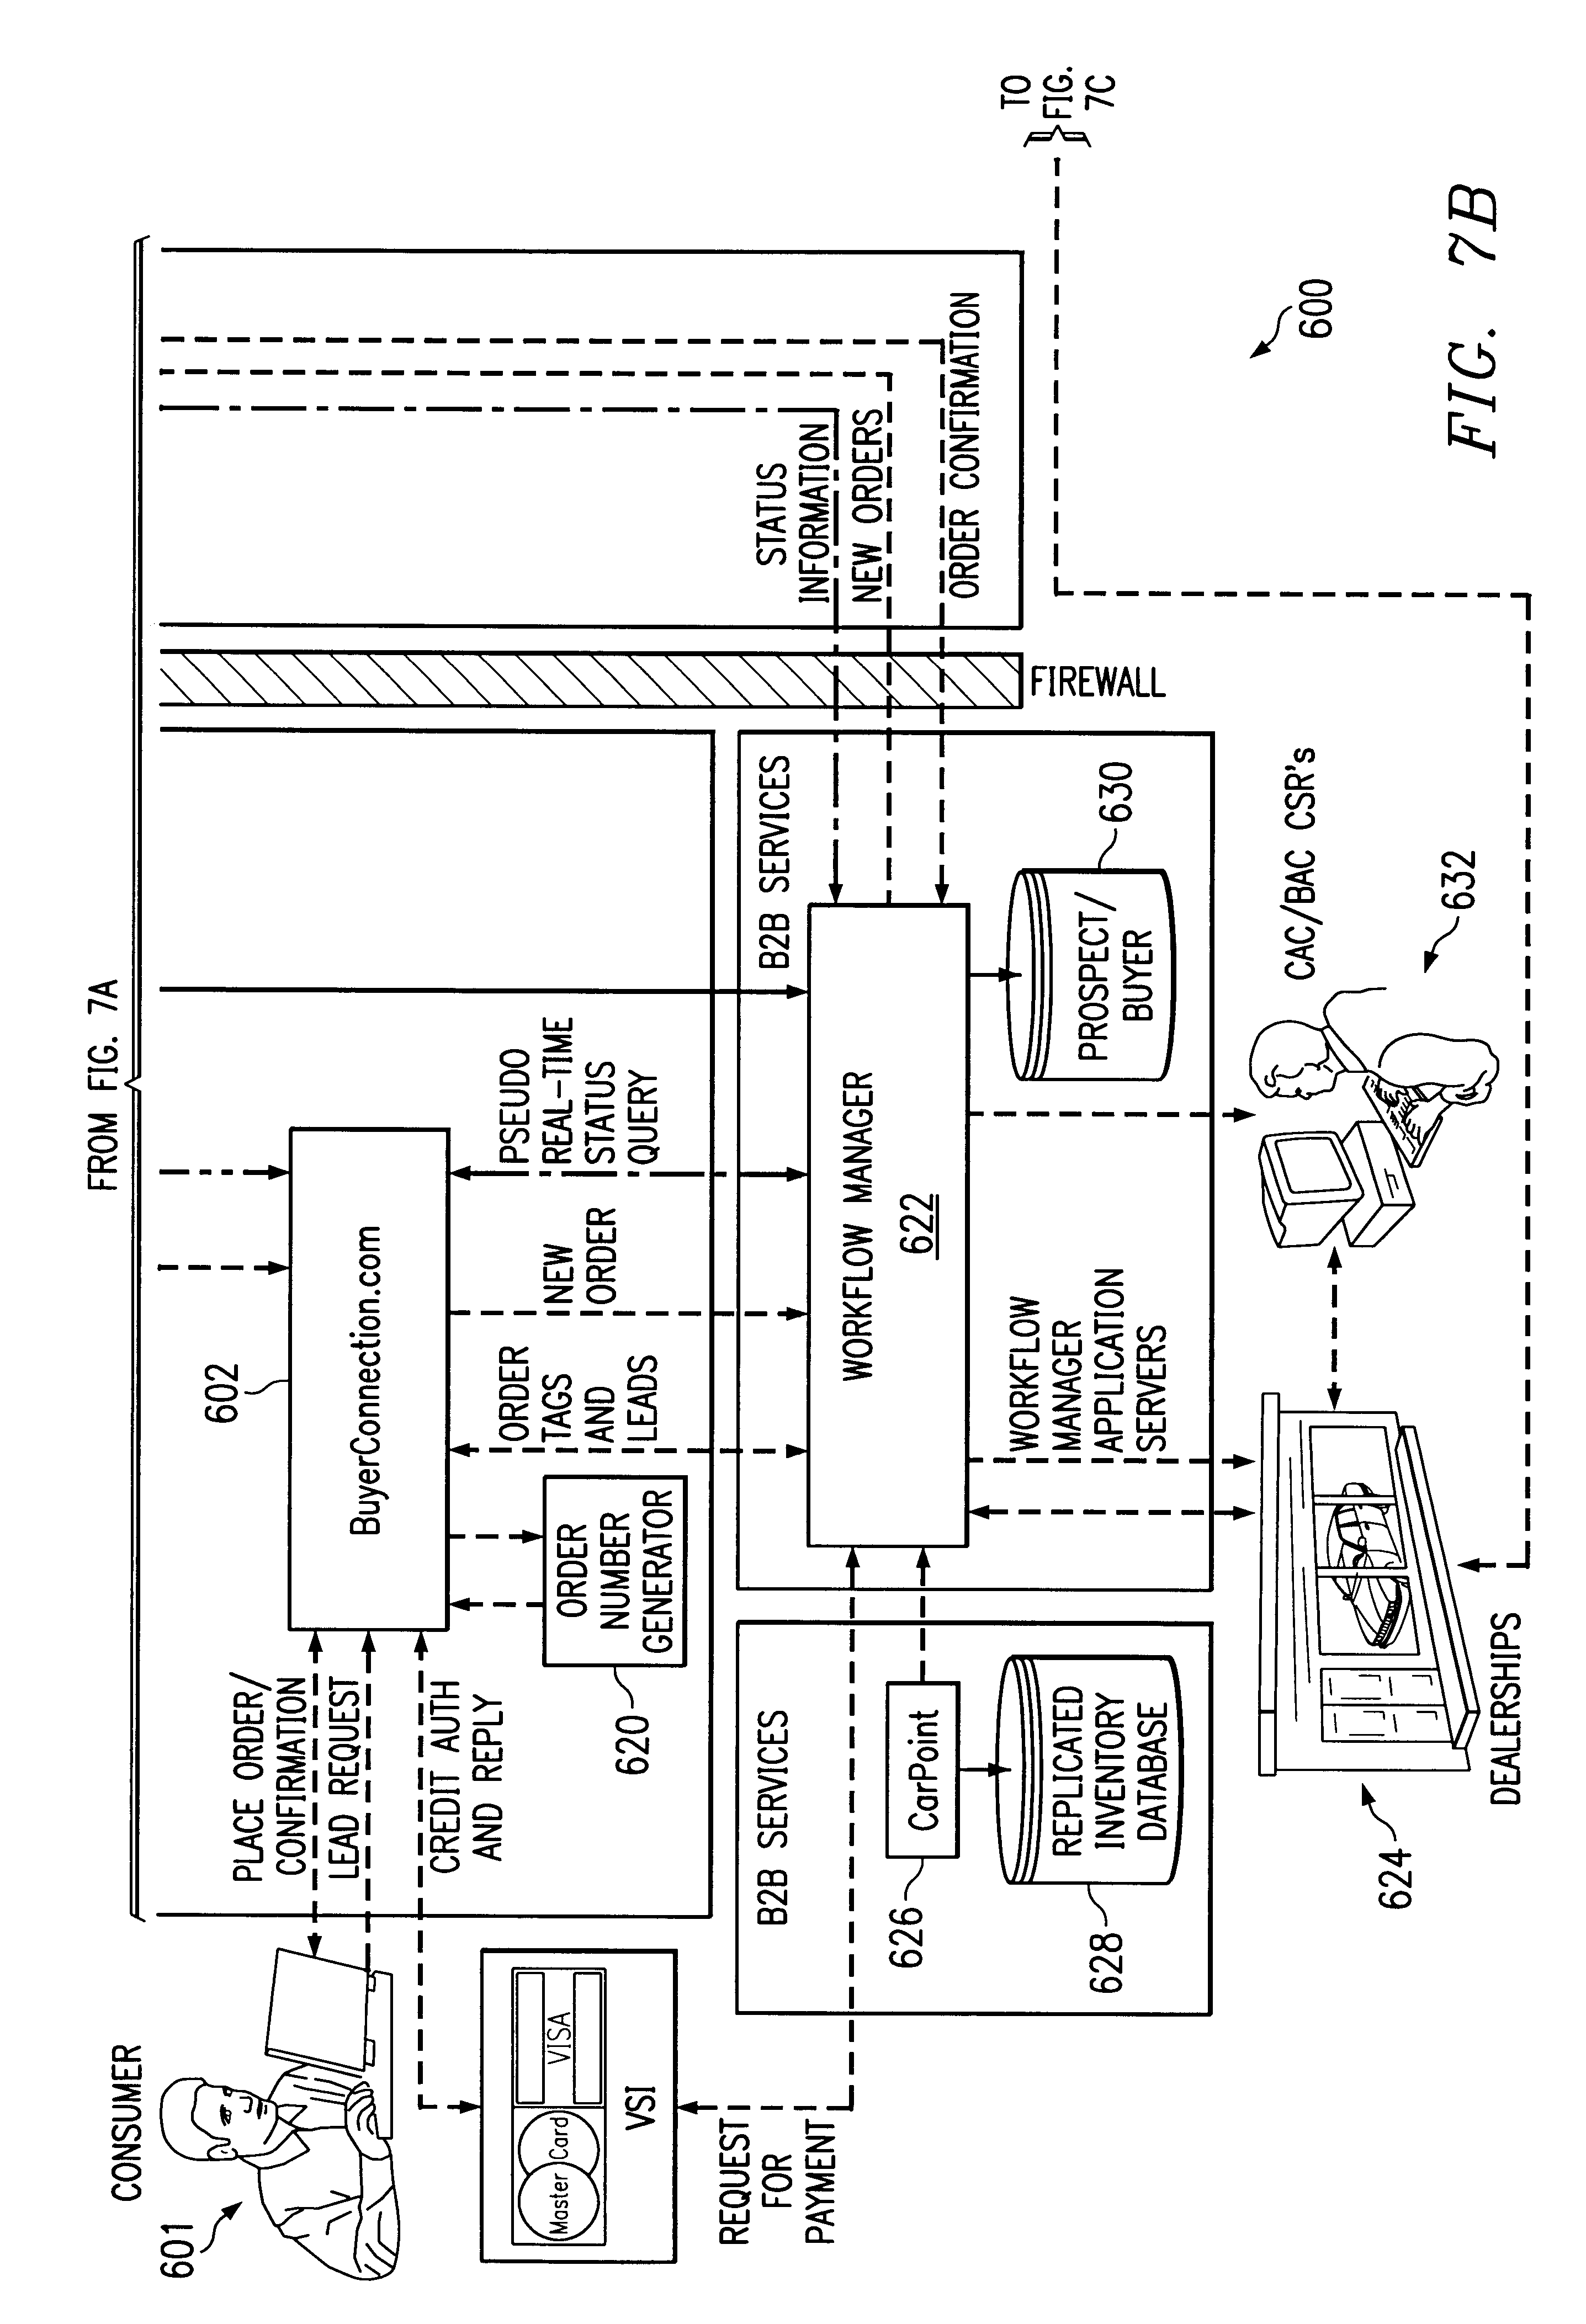 patent us6609108